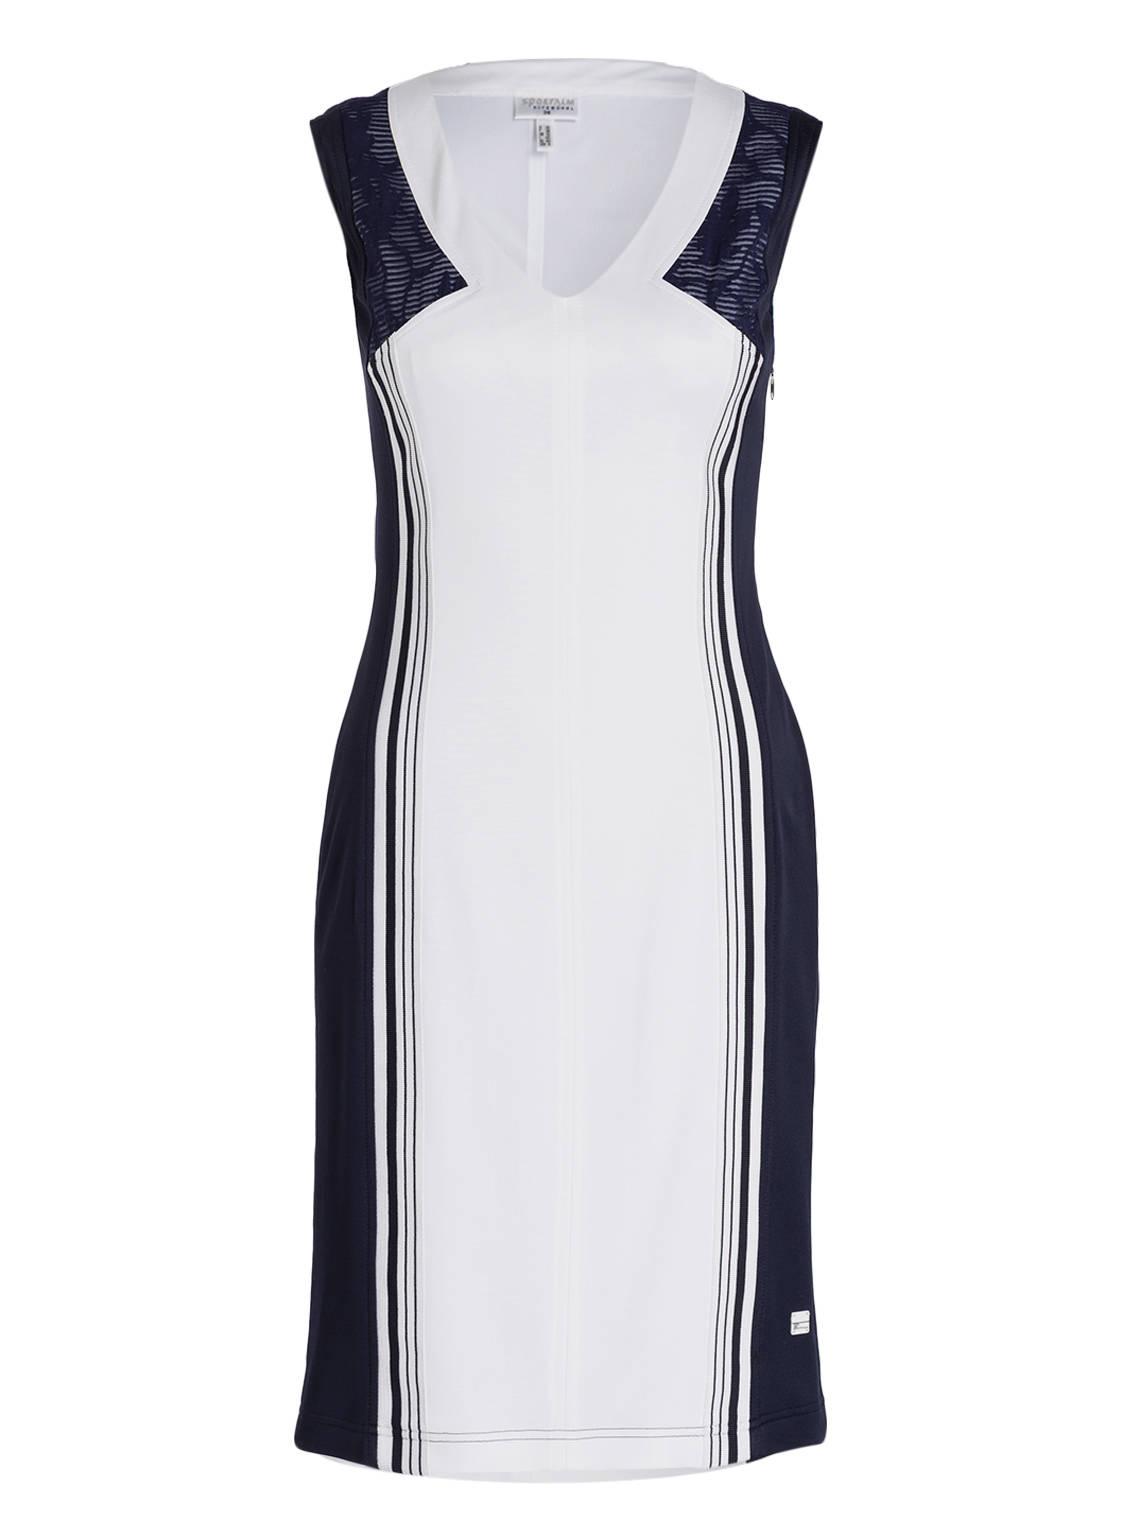 Artikel klicken und genauer betrachten! - Das ärmellose Kleid TIMA von SPORTALM präsentiert sich mit einem zurückhaltenden Design in Bicolor-Optik. Der weite V-Ausschnitt sowie die antaillierte Schnittführung unterstreichen die feminine Note des Damenmodells, sodass Sie auch auf dem Golfplatz eine gute Figur machen. Dank der hohen Elastizität genießen Sie zudem optimale Bewegungsfreiheit. Investieren Sie in dieses Must-have! Details: Antaillierter Schnitt. V-Ausschnitt. Ärmellos. Schließt mit nahtfeinem Reißverschluss in der Seite. Komplett   im Online Shop kaufen